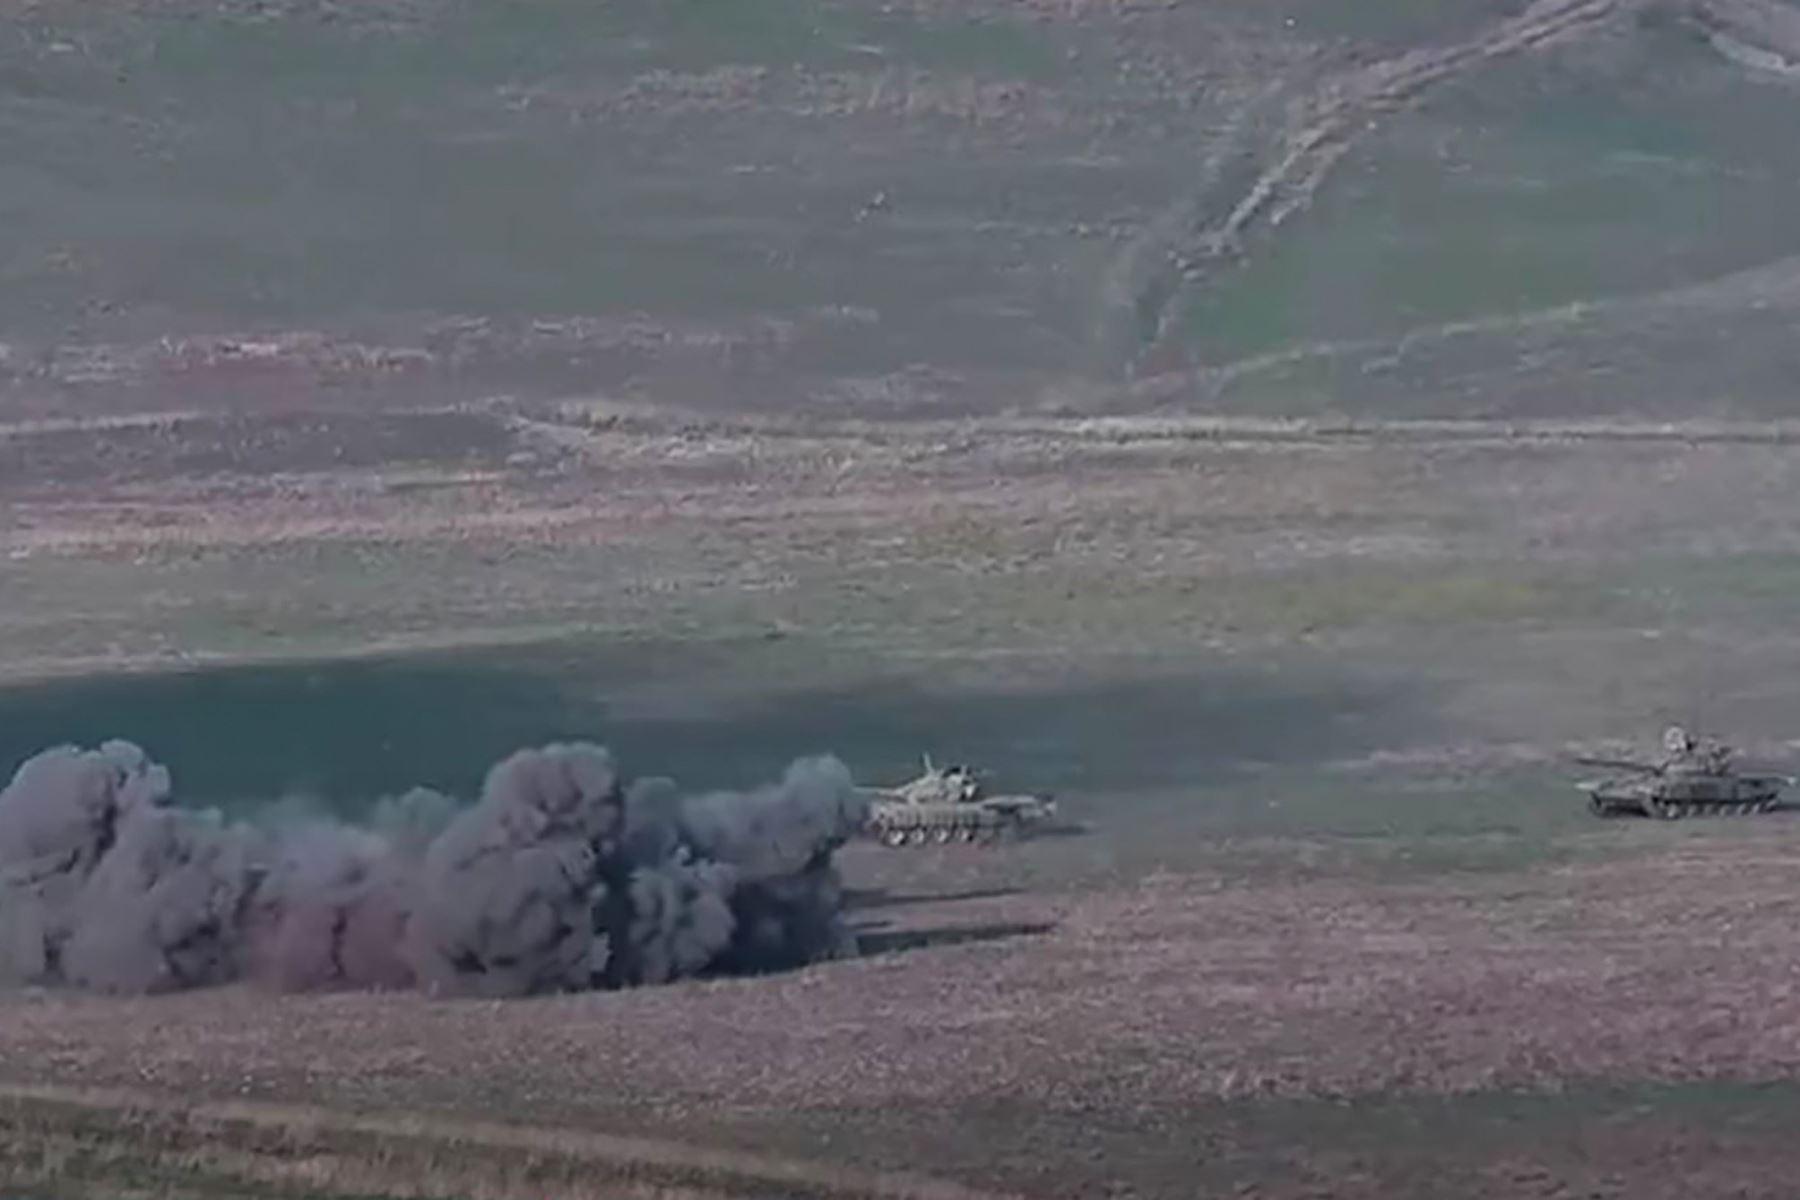 Una captura de imagen tomada de un video disponible en el sitio web oficial del Ministerio de Defensa de Armenia, supuestamente muestra la destrucción de tanques azeríes durante los enfrentamientos. Foto: AFP